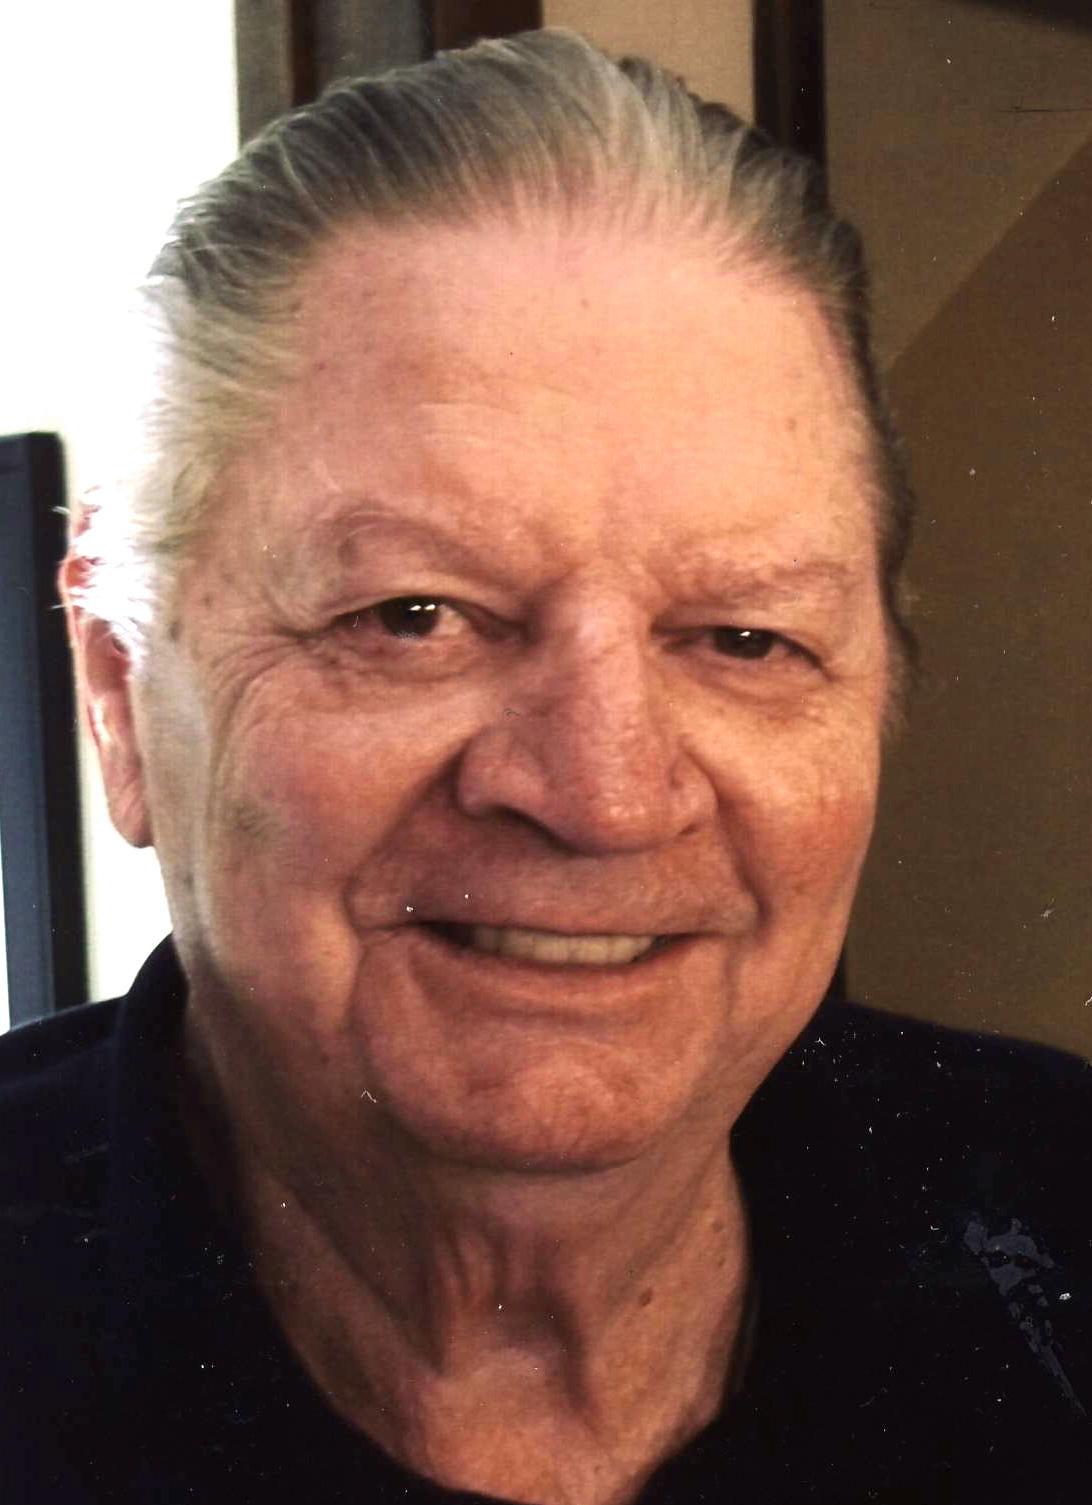 Lyle Lund